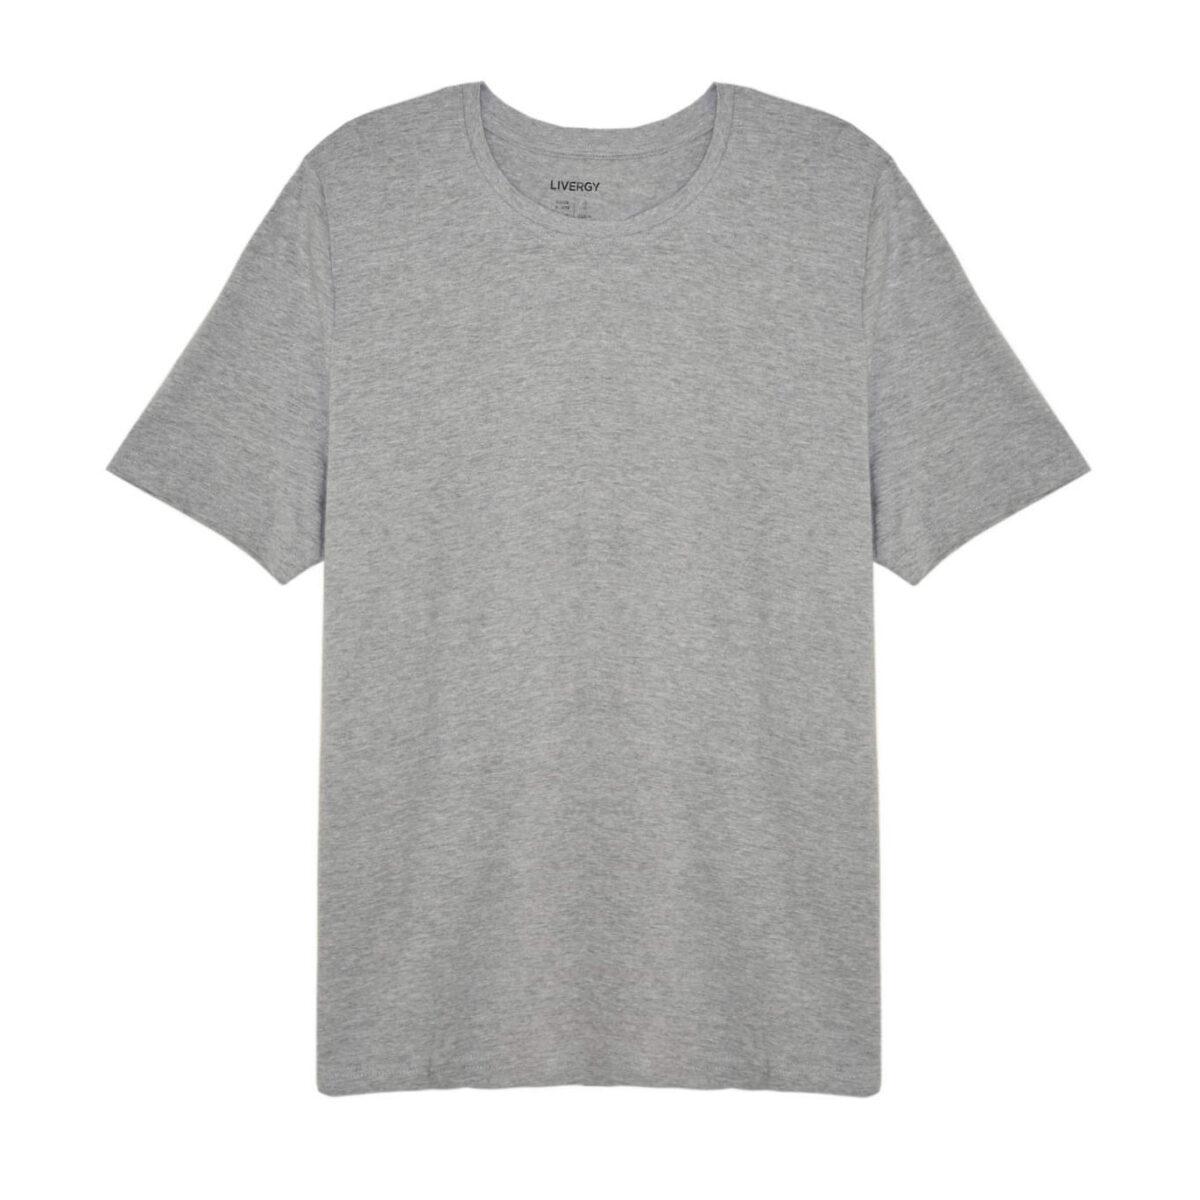 تیشرت مردانه لیورجی مدل gtl